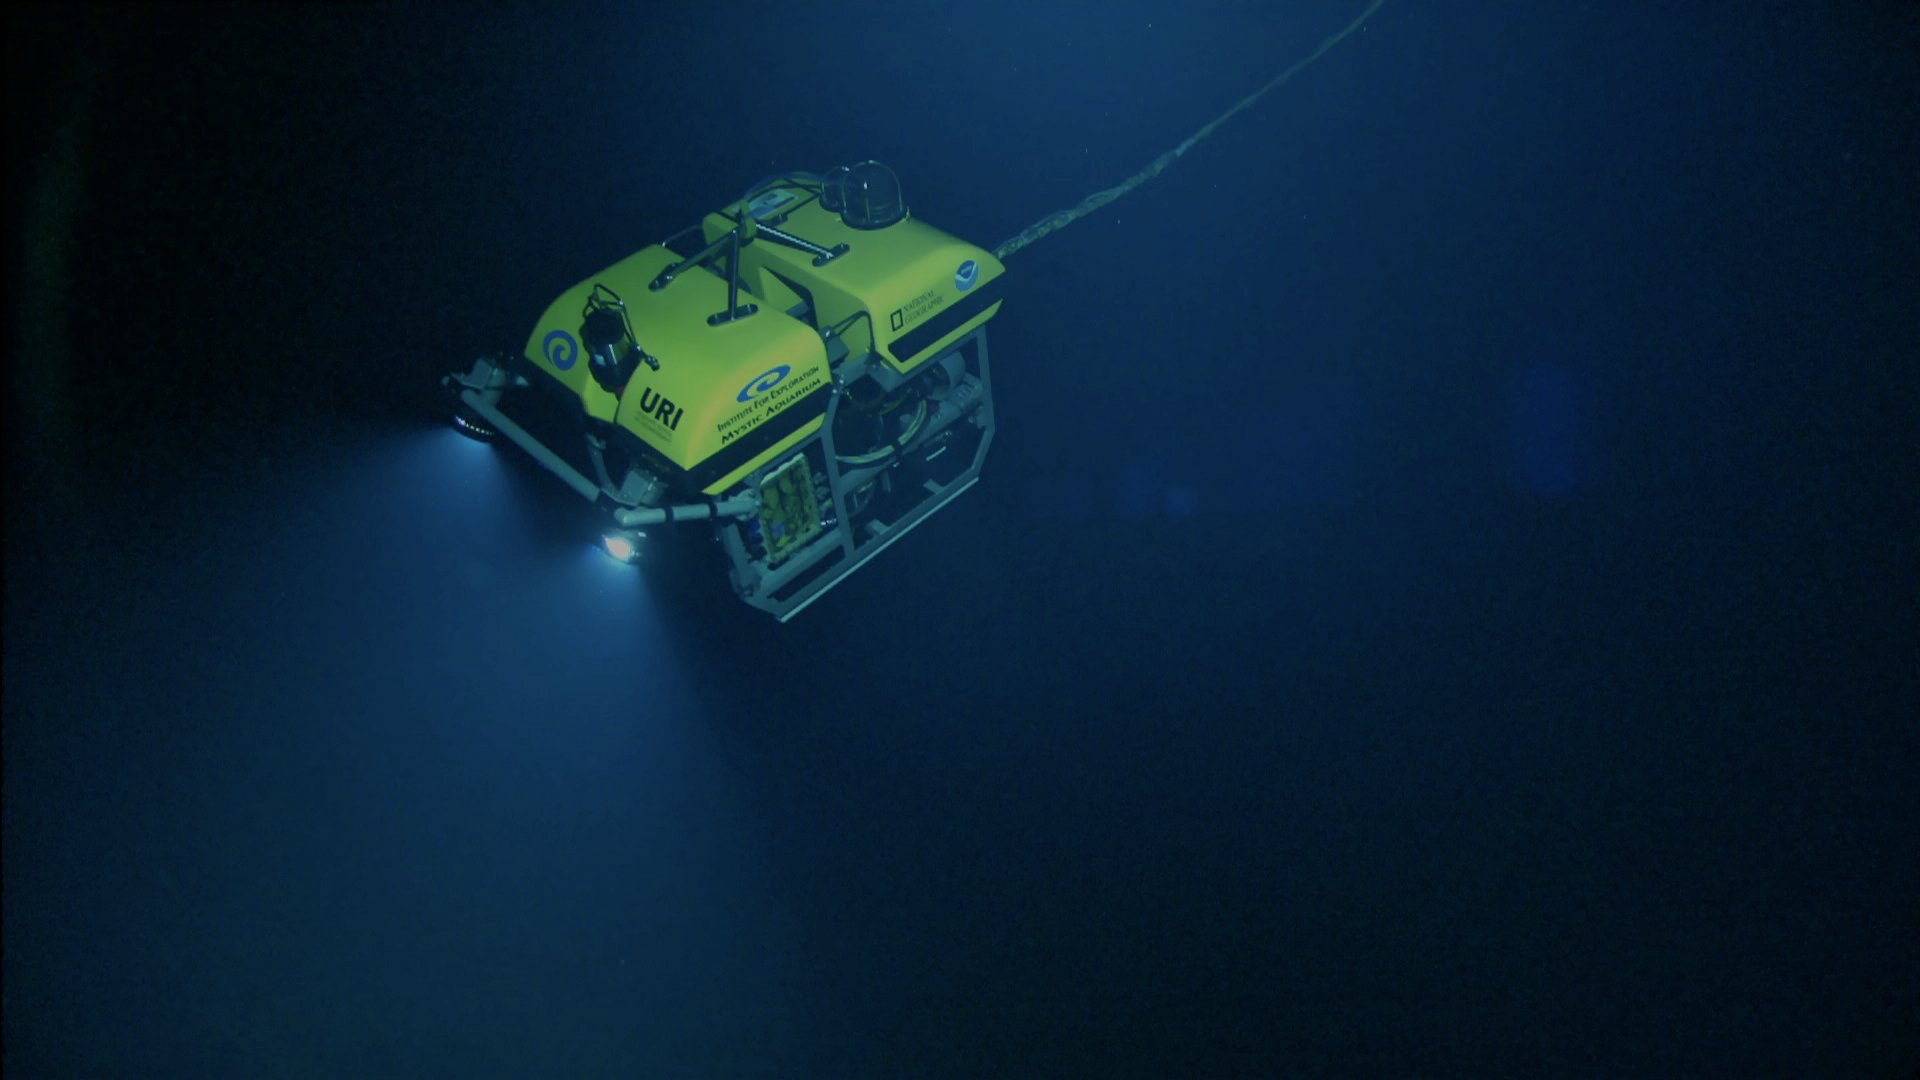 toexplore web media underwater explorations lessonplans 1920x1080